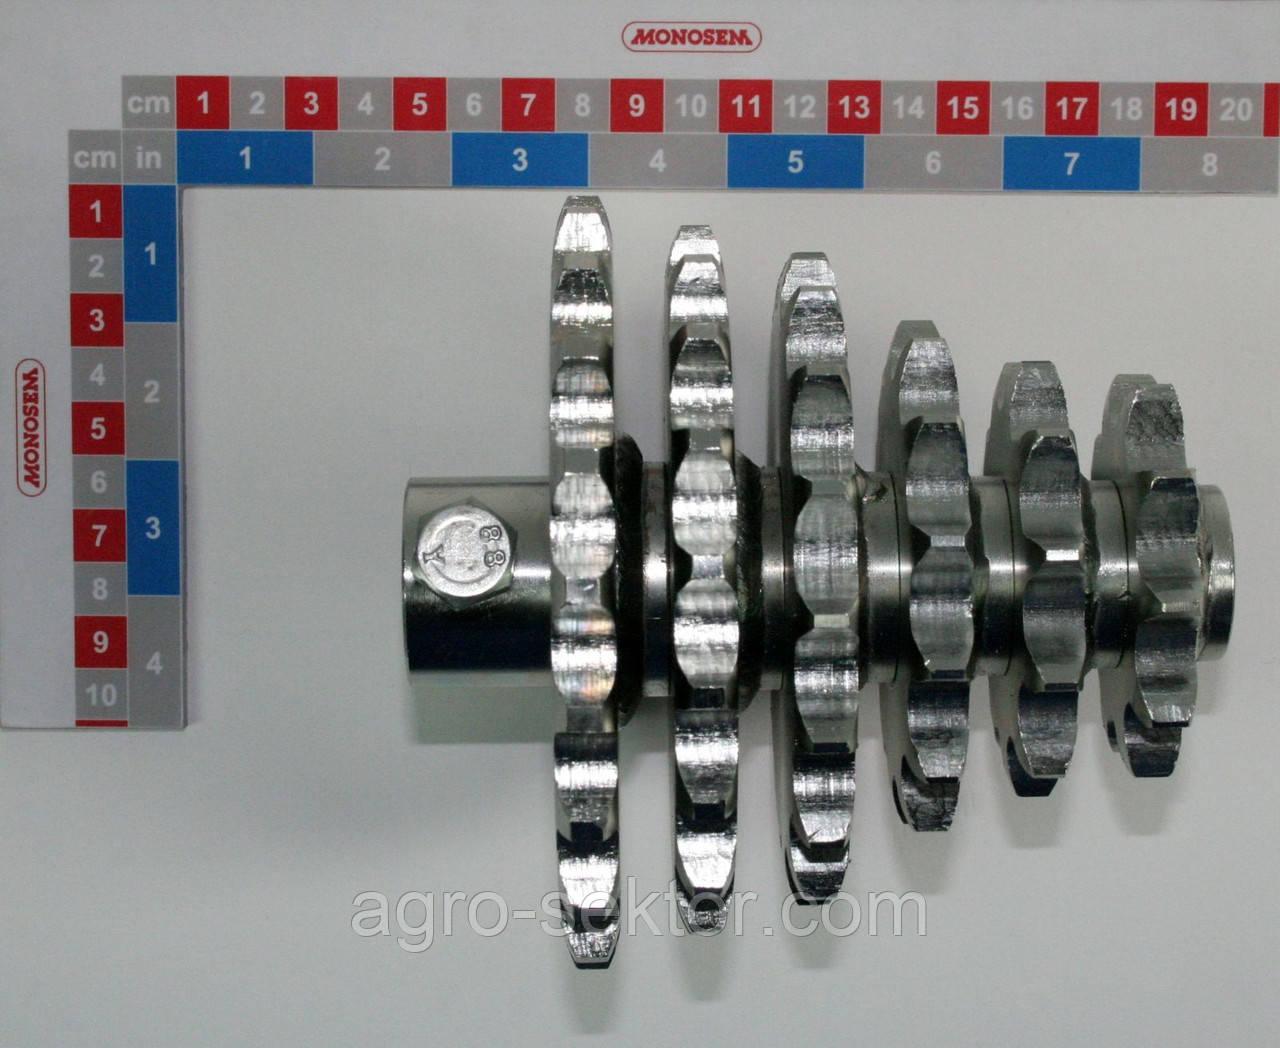 Блок звездочек верхний Monosem 4326-4, 66002549